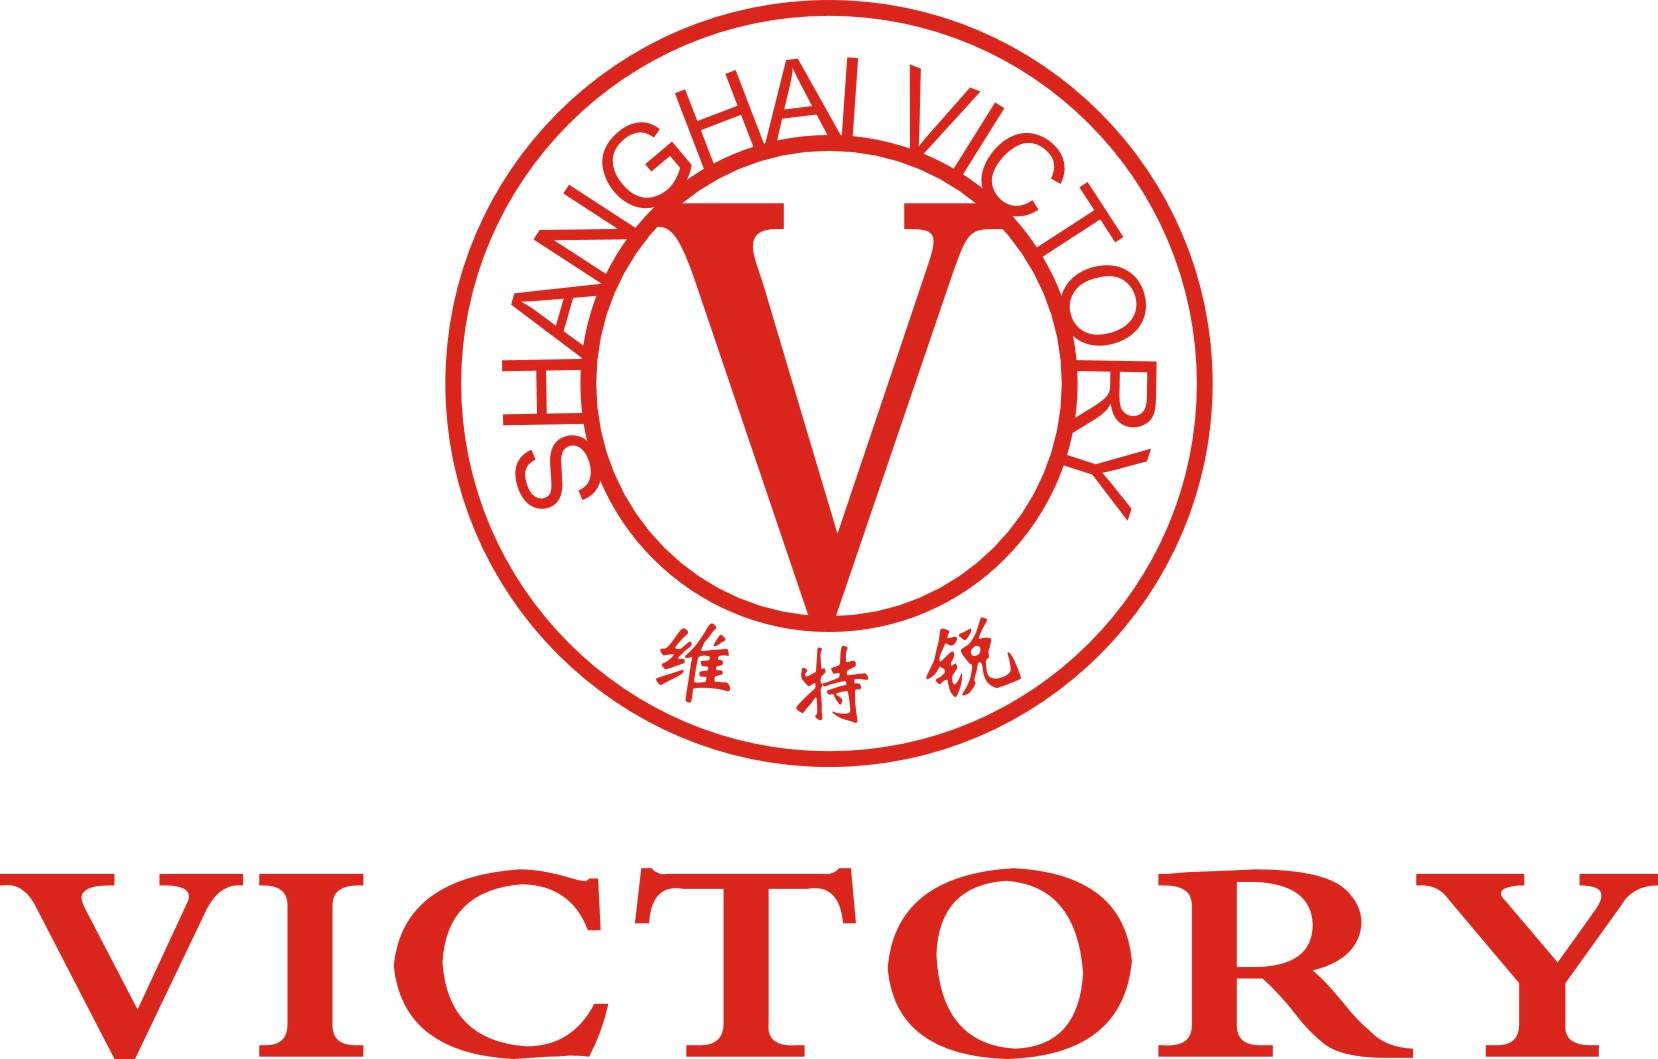 上海维特锐实业发展有限公司